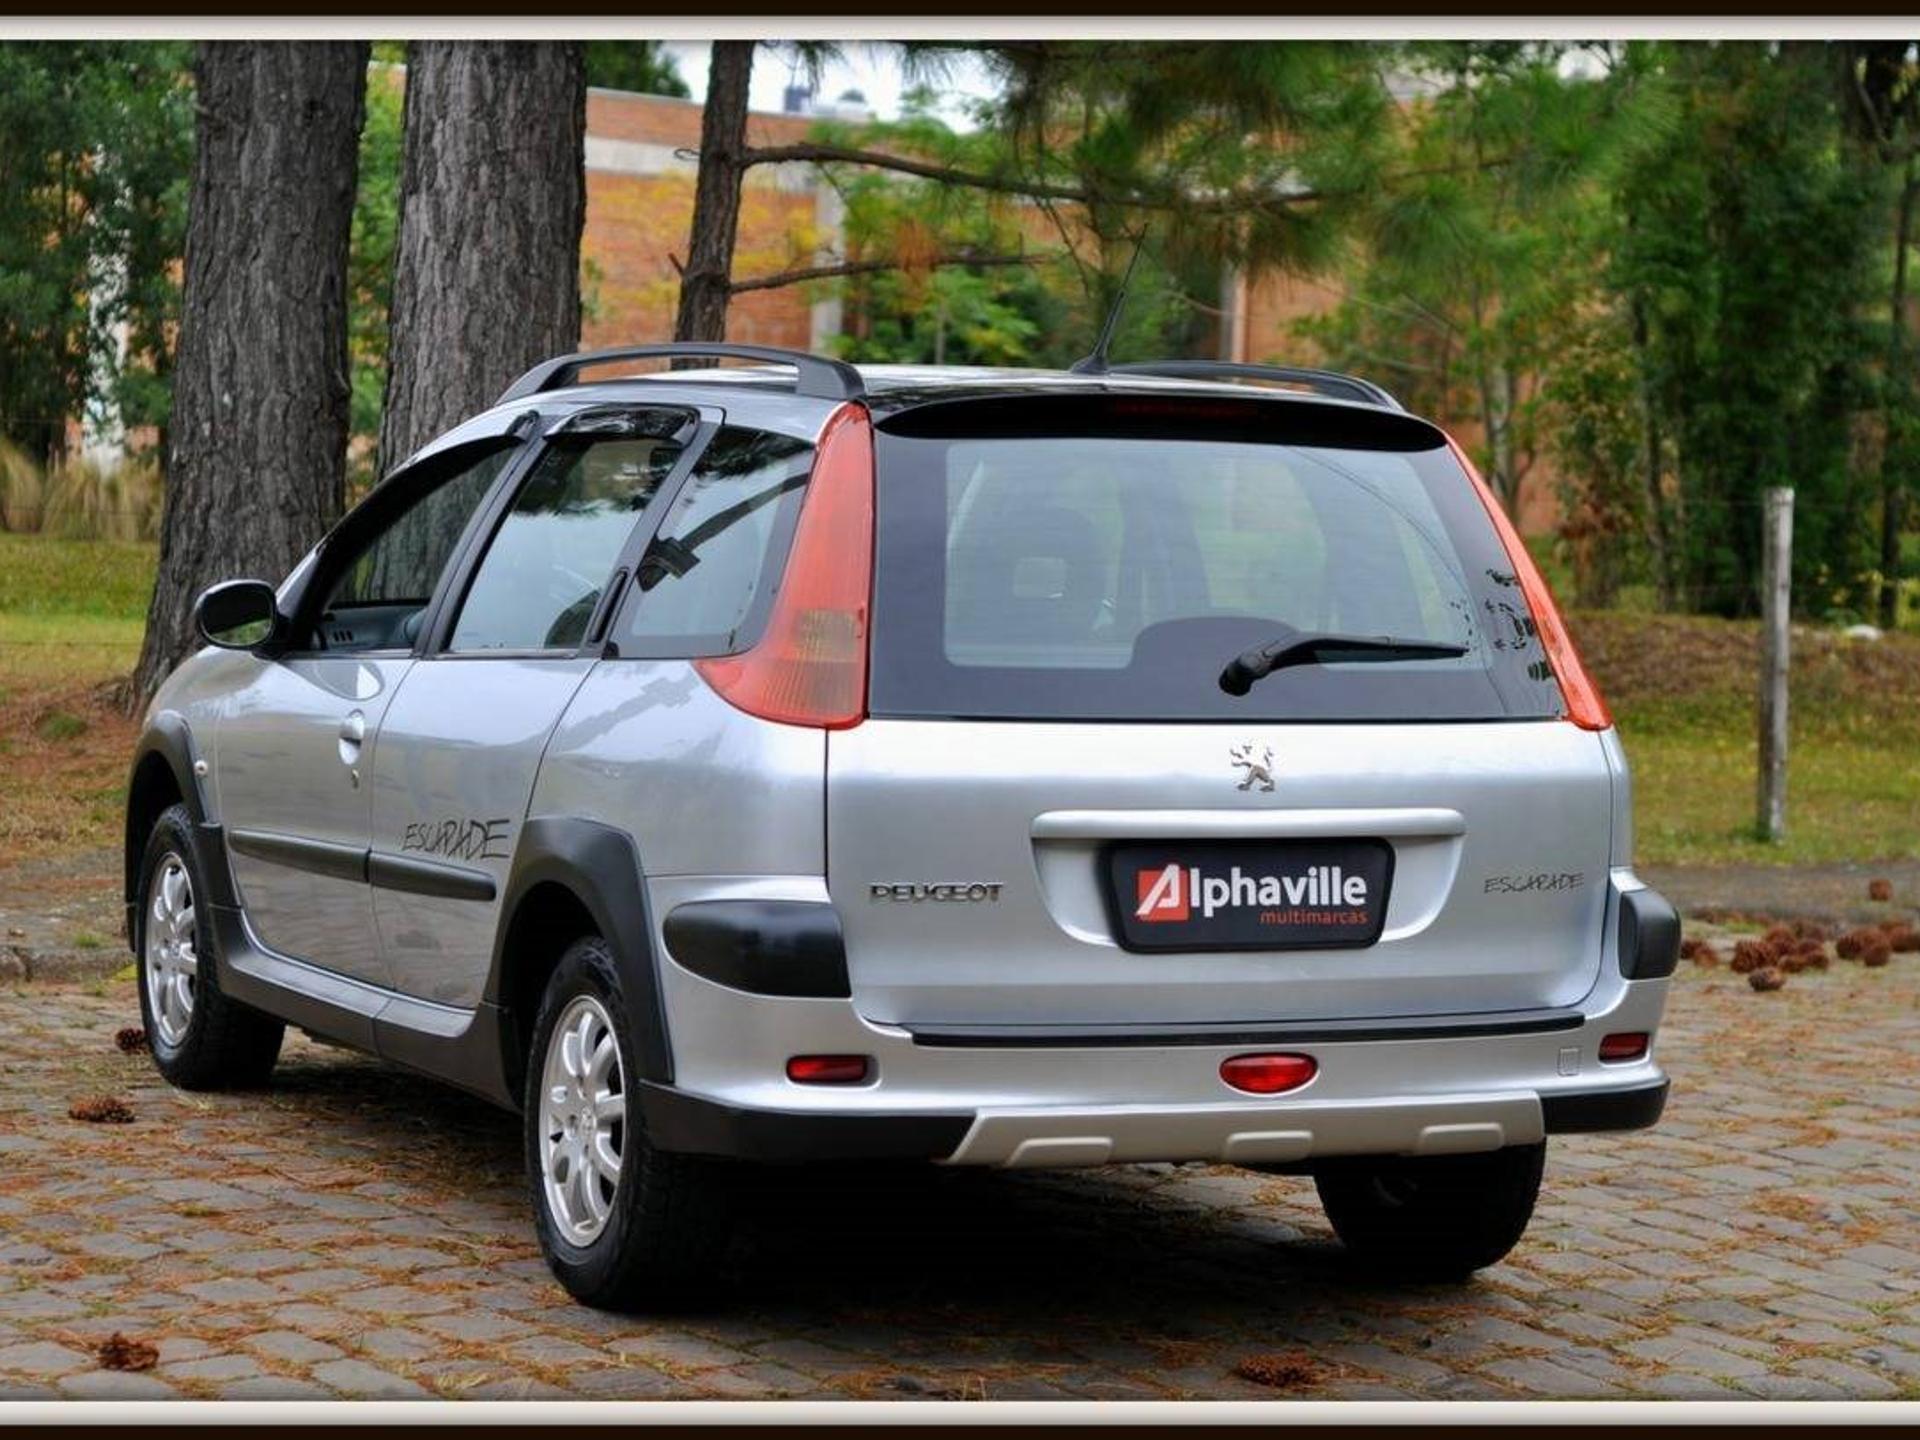 Peugeot 206 1.6 Escapade Sw 16v Flex 4p Manual Wmimagem10314162864